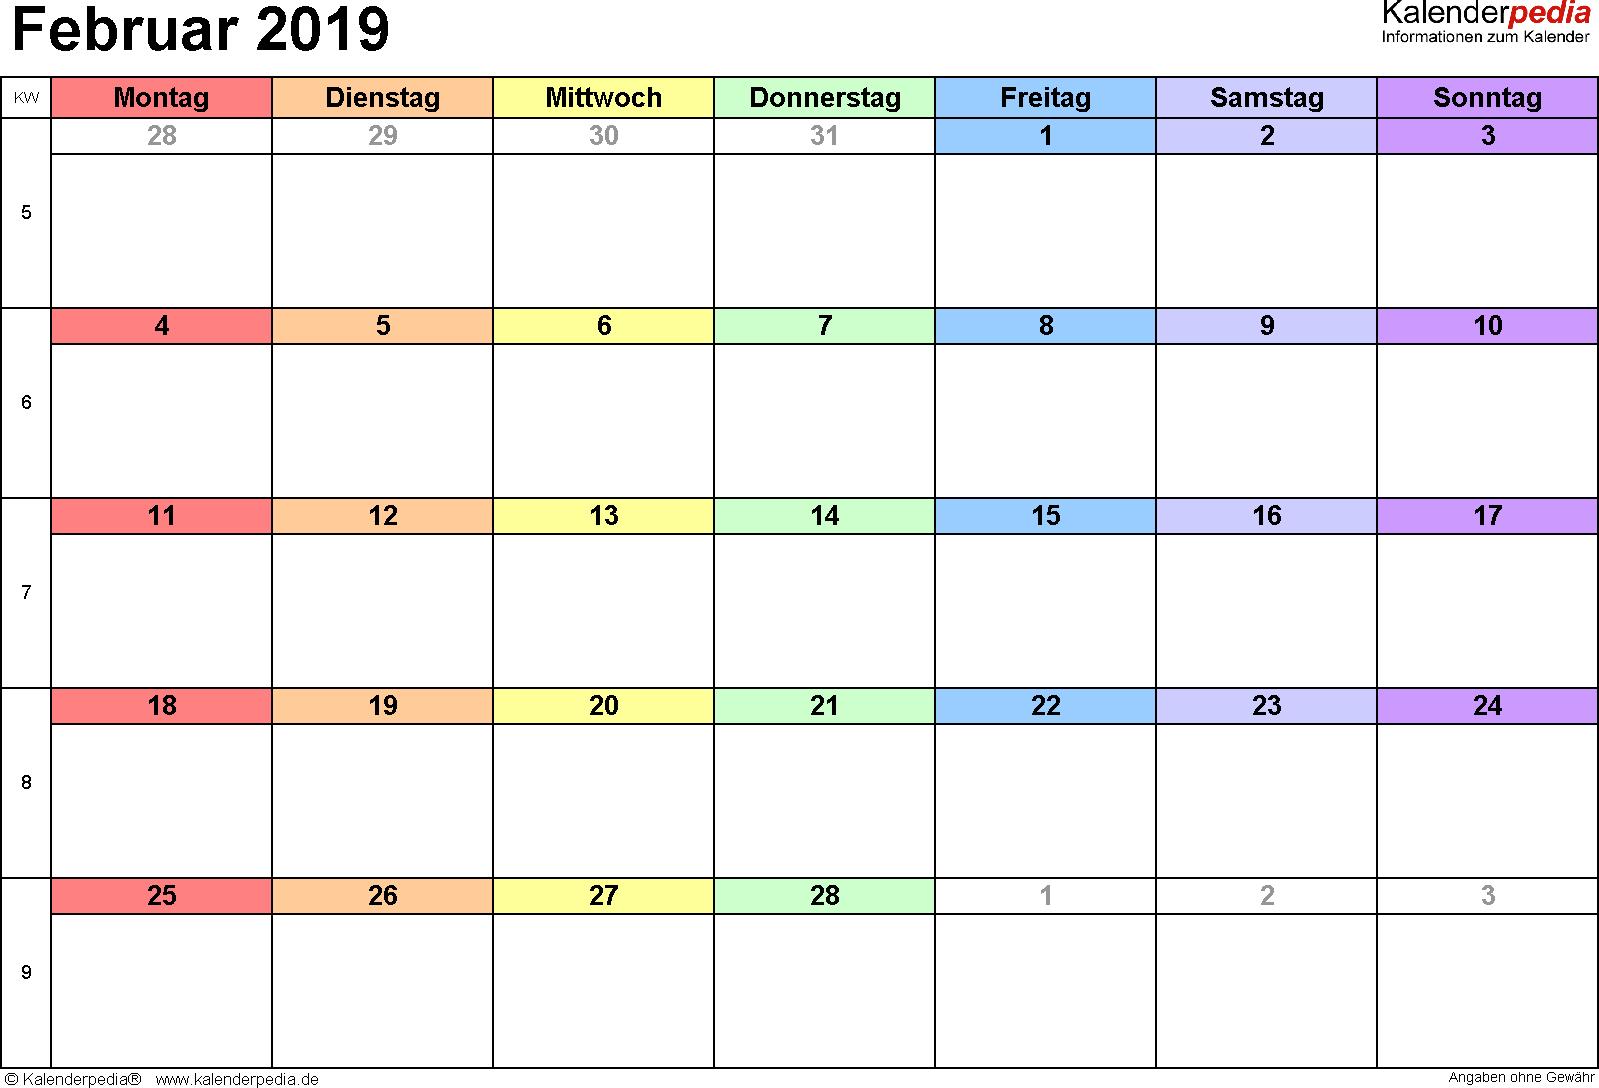 Druckbare Vorlagen für Februar 2019